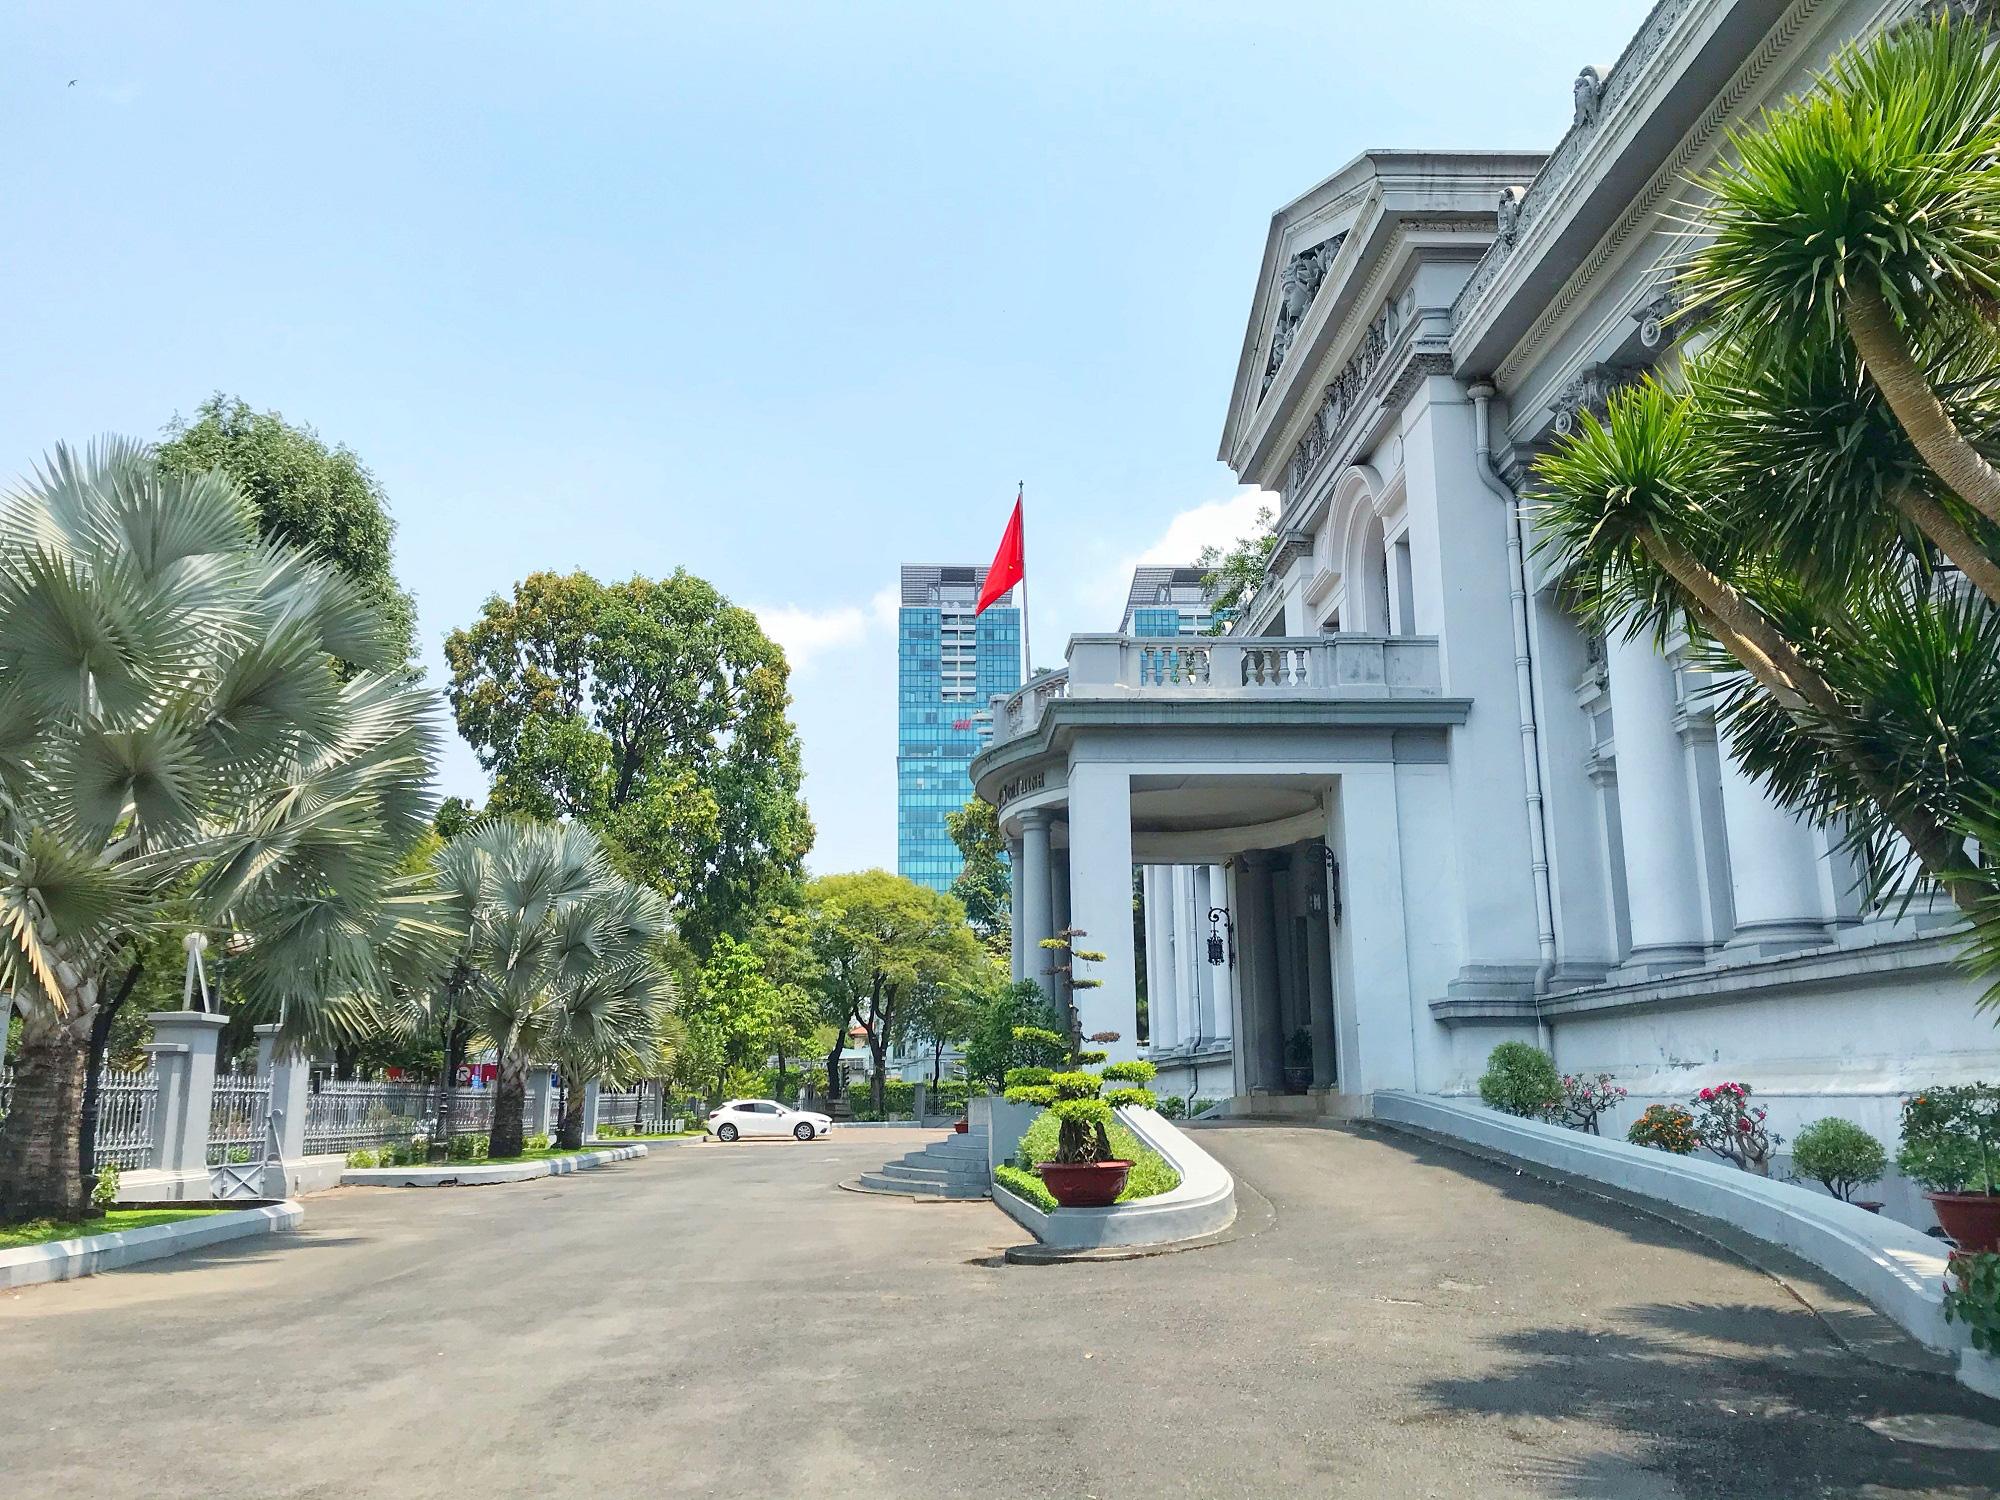 Các điểm du lịch tại TP.HCM vắng hoàn toàn sau quyết định dừng nhập cảnh người nước ngoài vào Việt Nam - Ảnh 8.